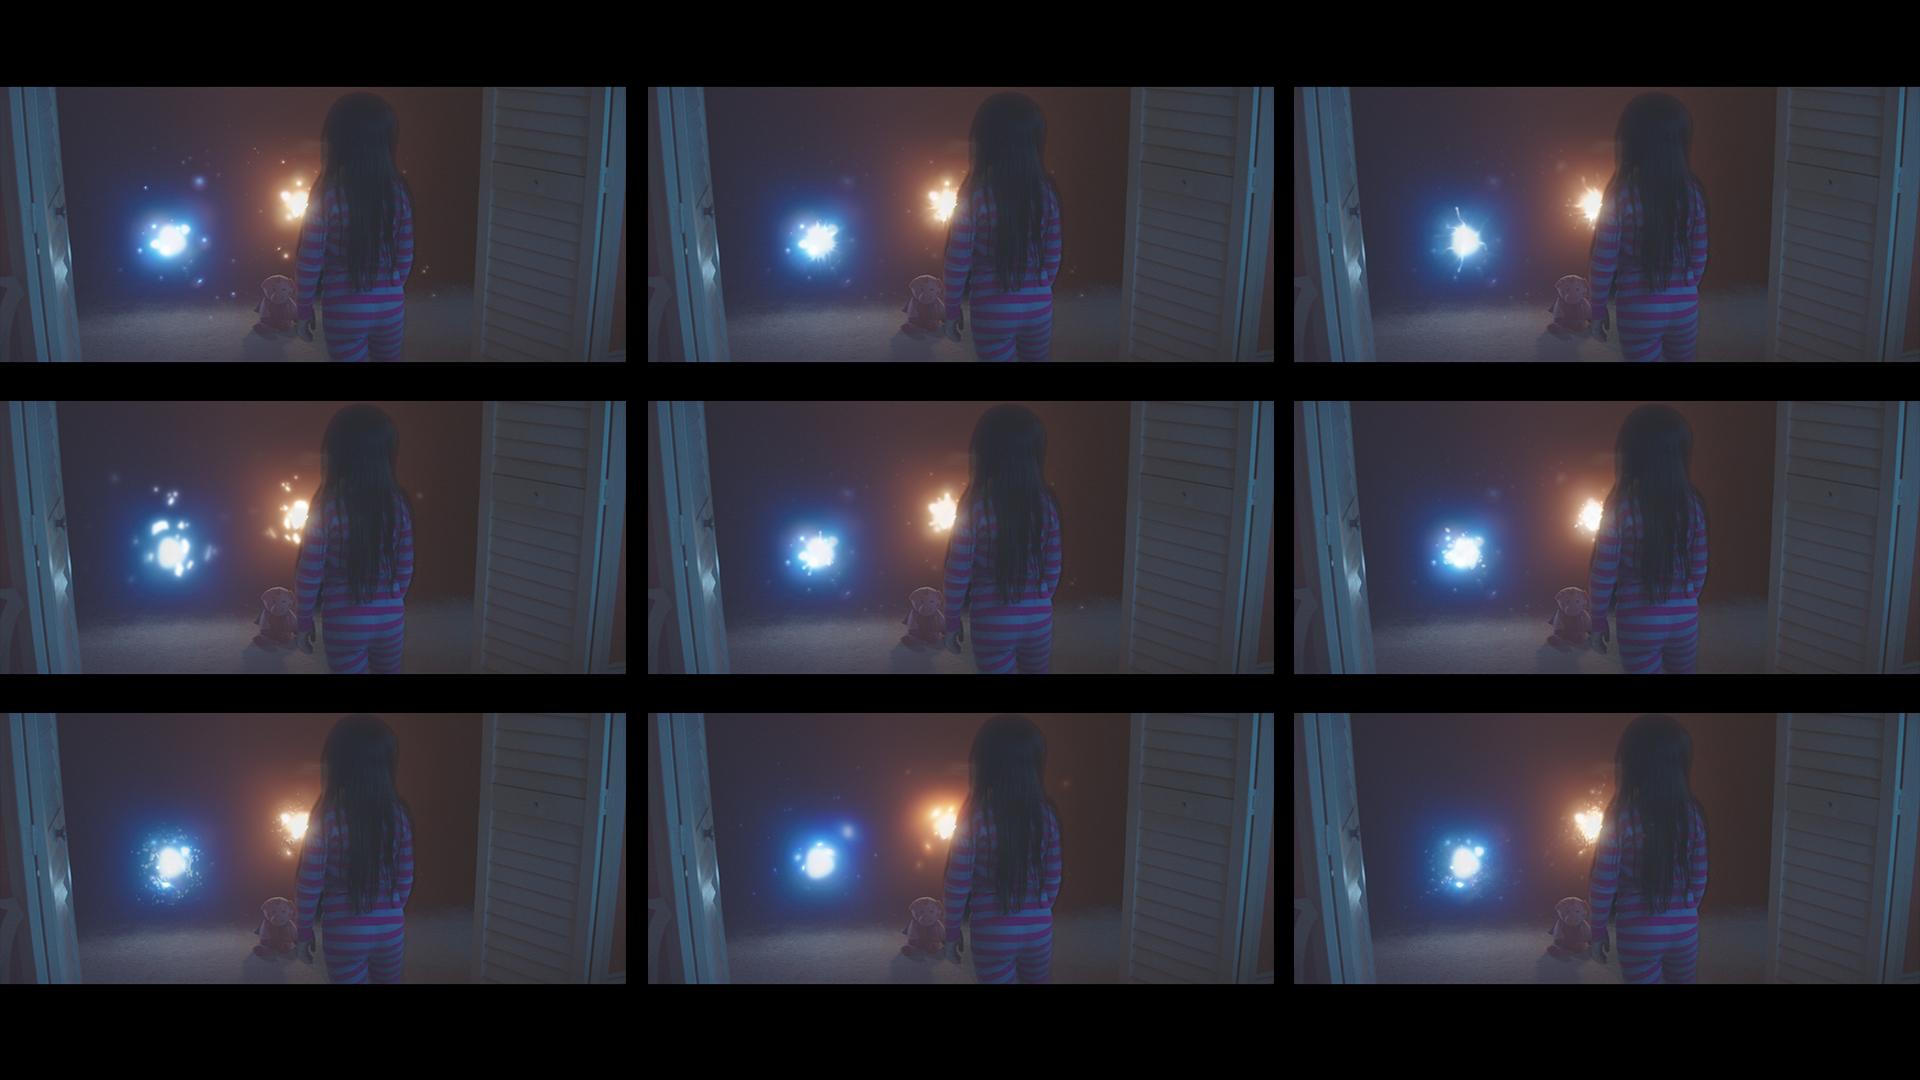 RECHERCHE MADDY LIGHTS POLTERGEIST